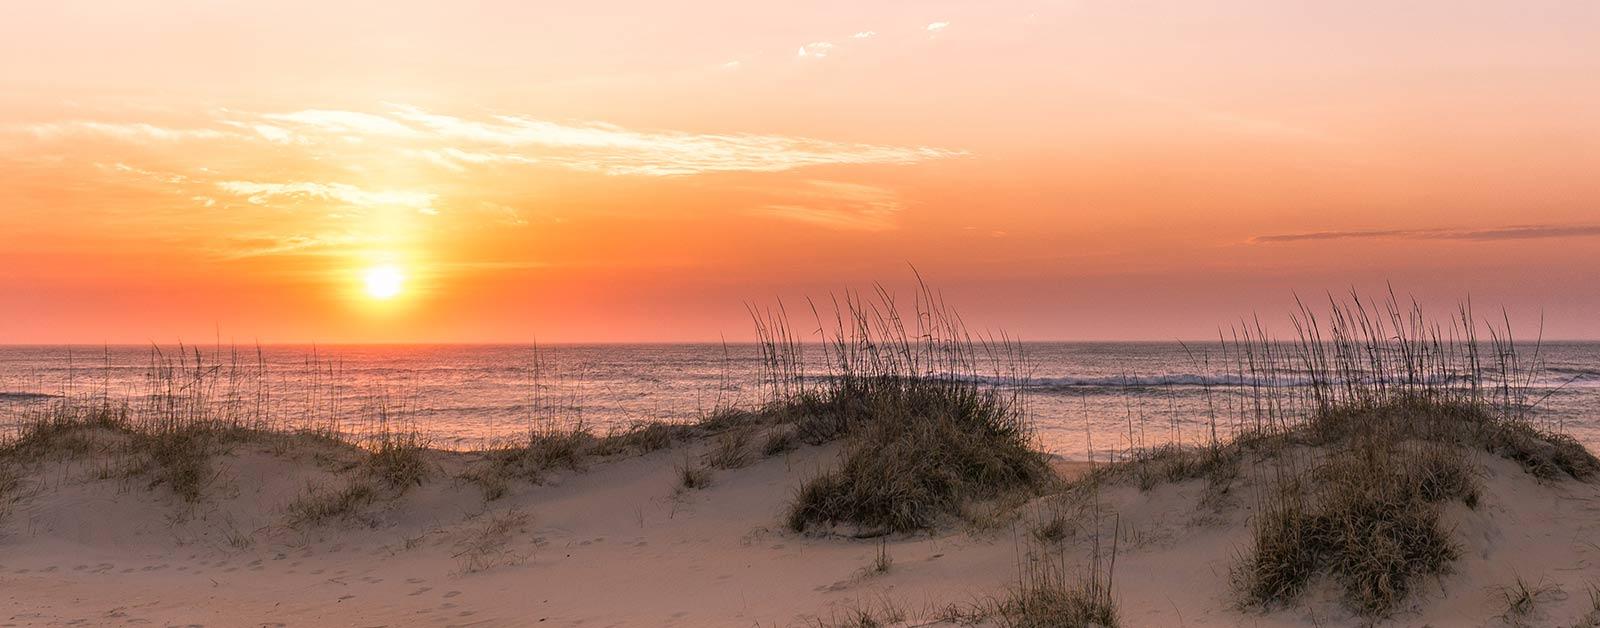 Outer Banks Vacation Rentals North Carolina Beach